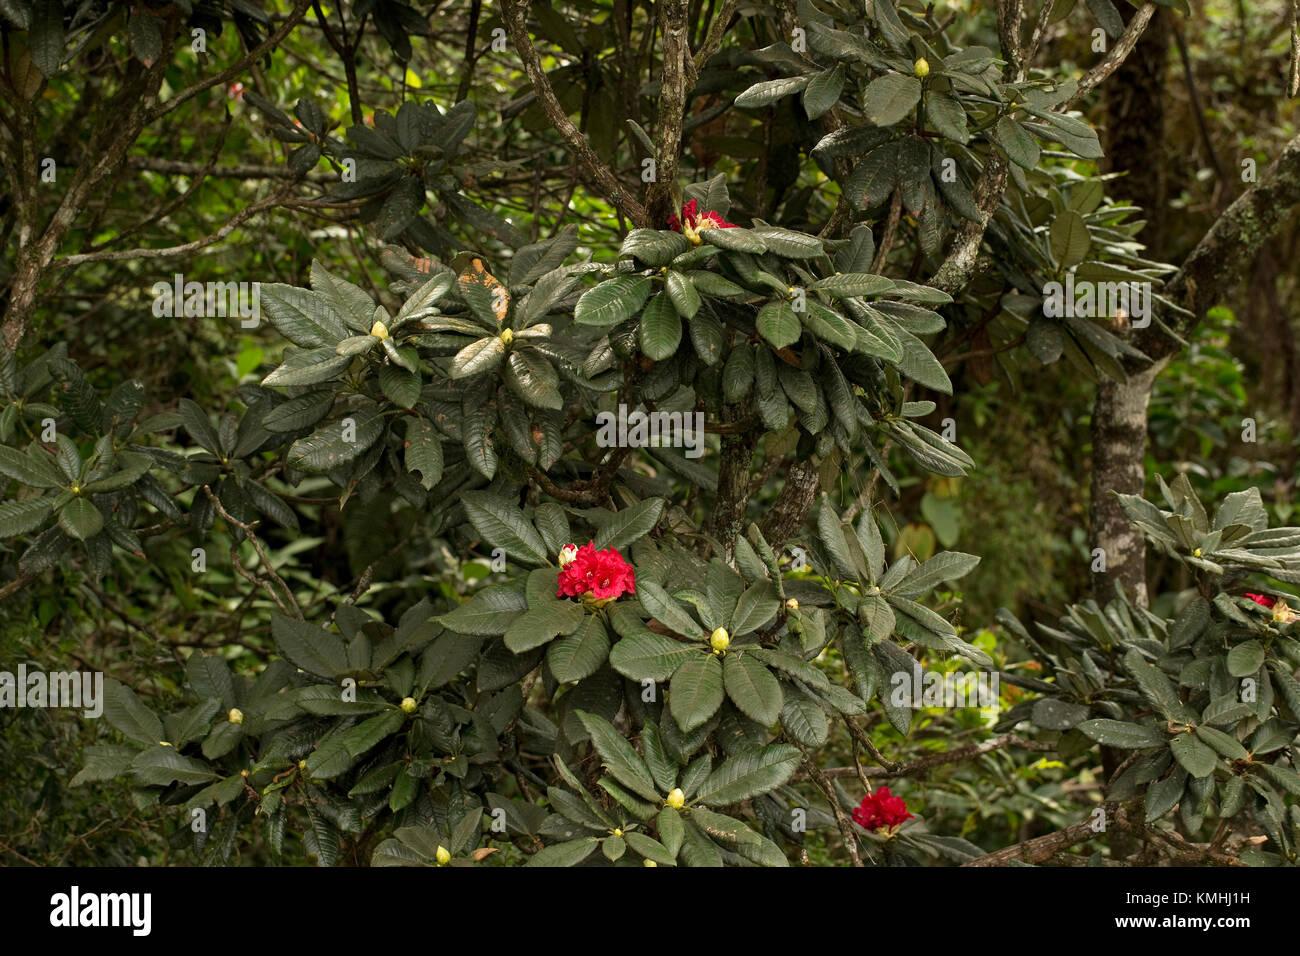 Rhododendron species (Rhododendron arboreum zeylanicum) - Stock Image